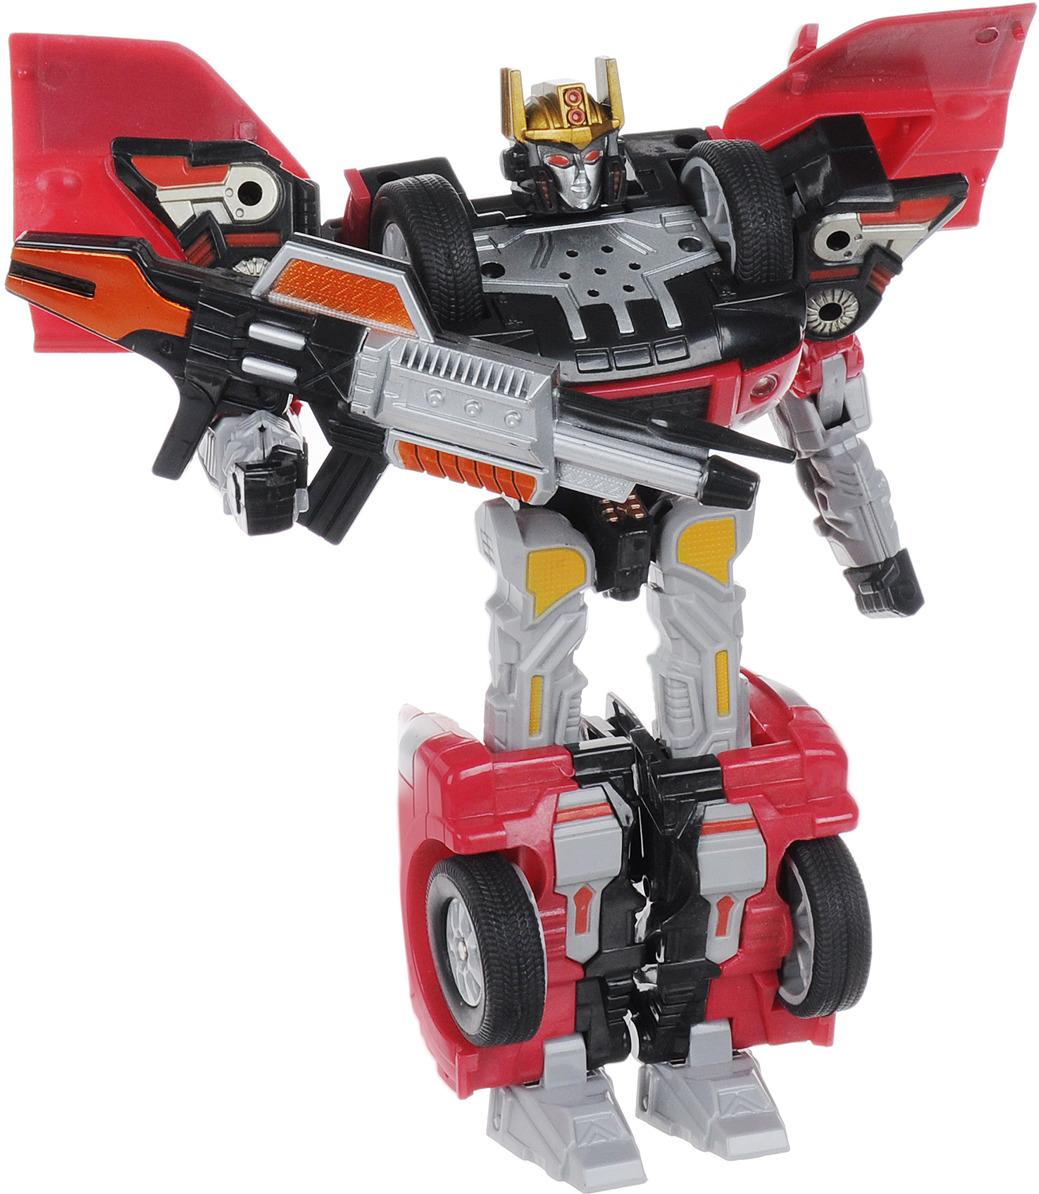 цена на WSBD World Робот-трансформер Mitsubishi Motors: Lancer Evolution & Pajero цвет красный